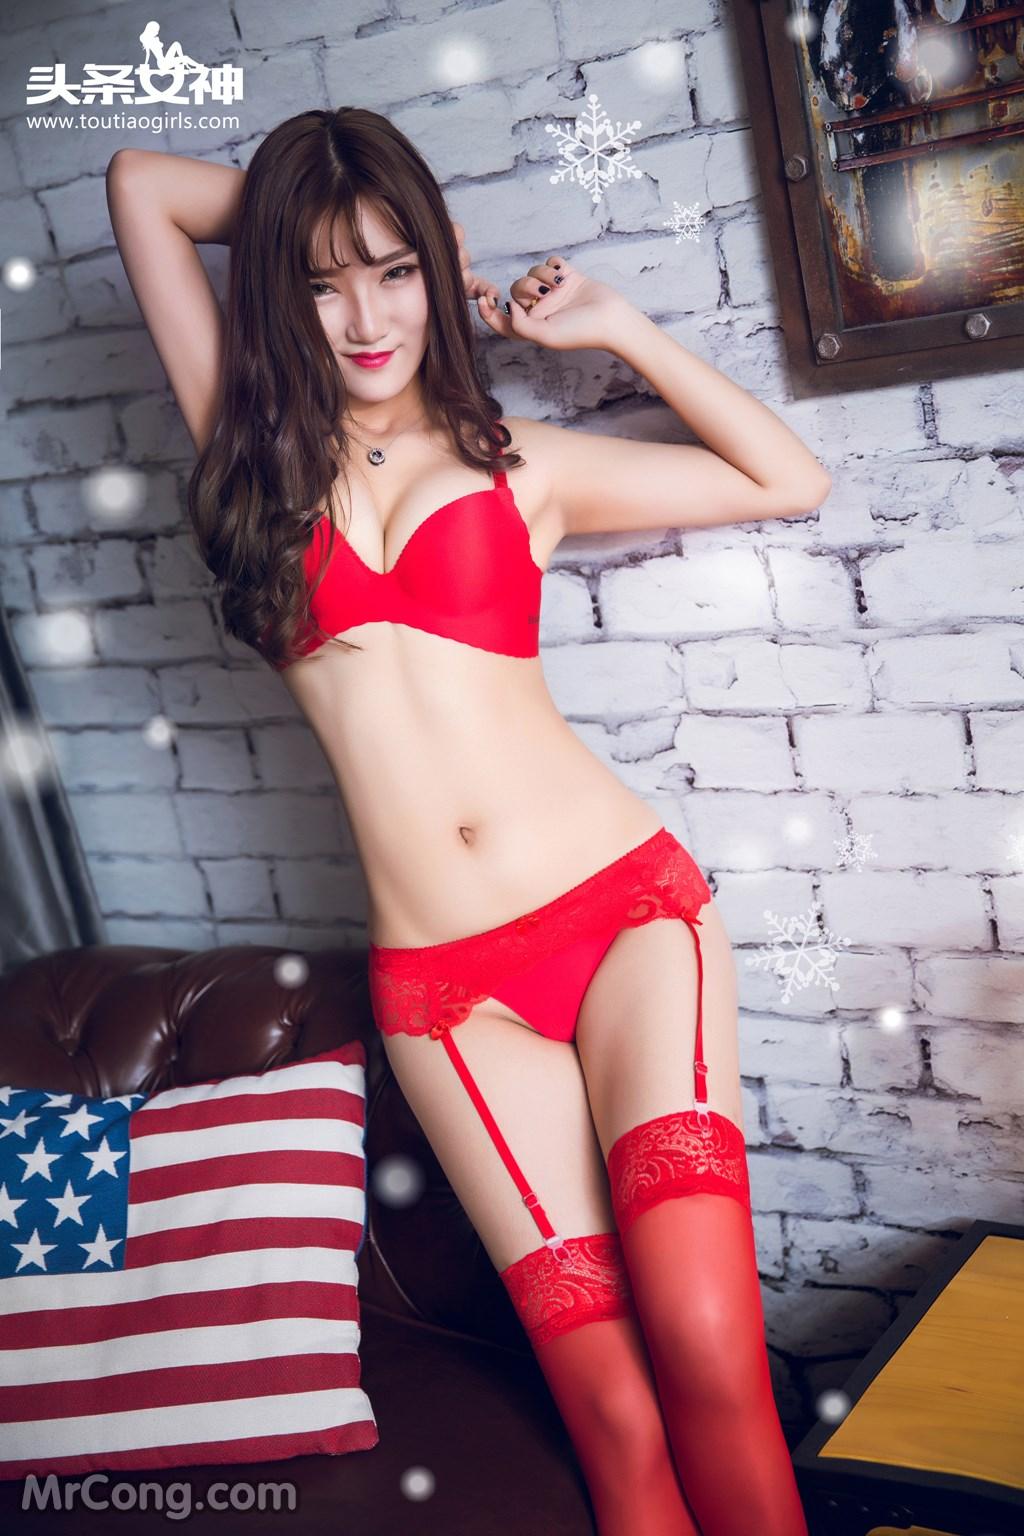 Image MrCong.com-TouTiao-2016-12-24-He-Jiao-Jiao-and-Yao-Yao-007 in post TouTiao 2016-12-24: Người mẫu He Jiao Jiao (何娇娇) và Yao Yao (药药) (41 ảnh)